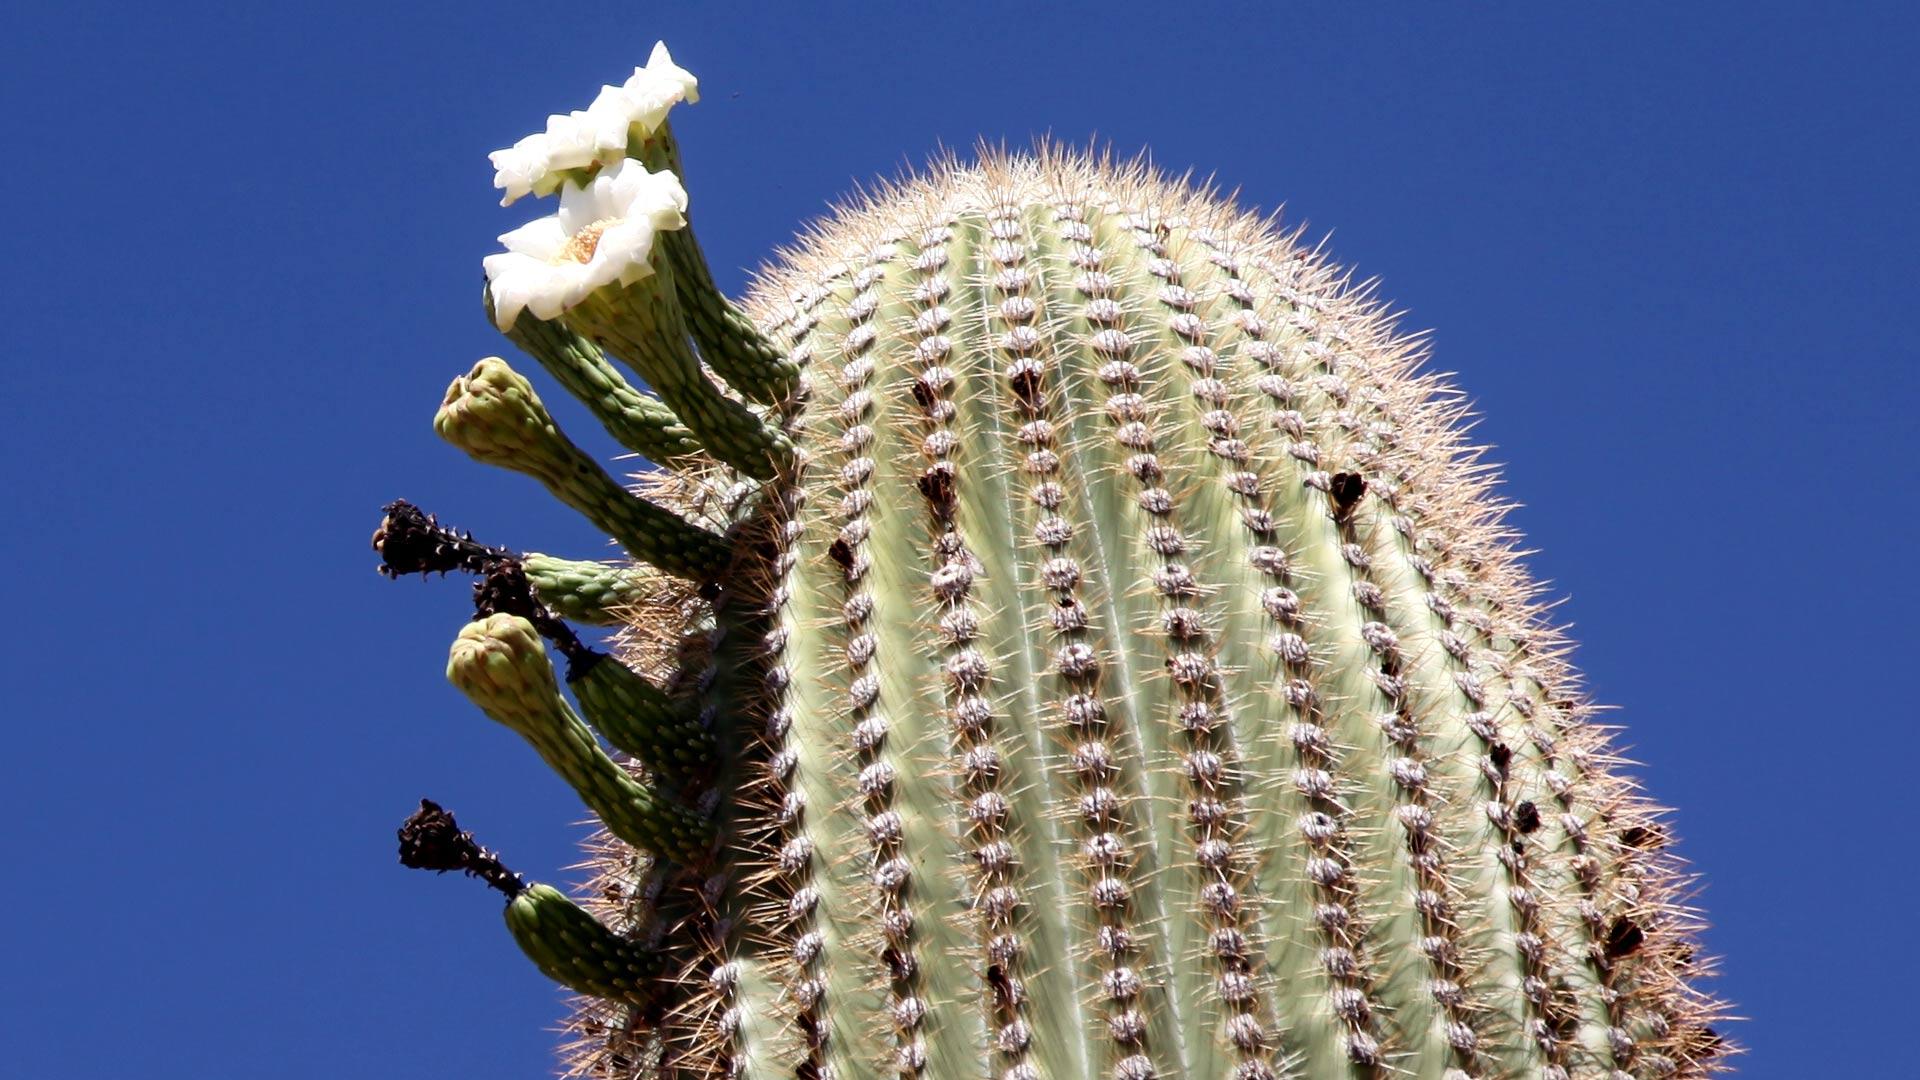 A saguaro cactus flower blossom.